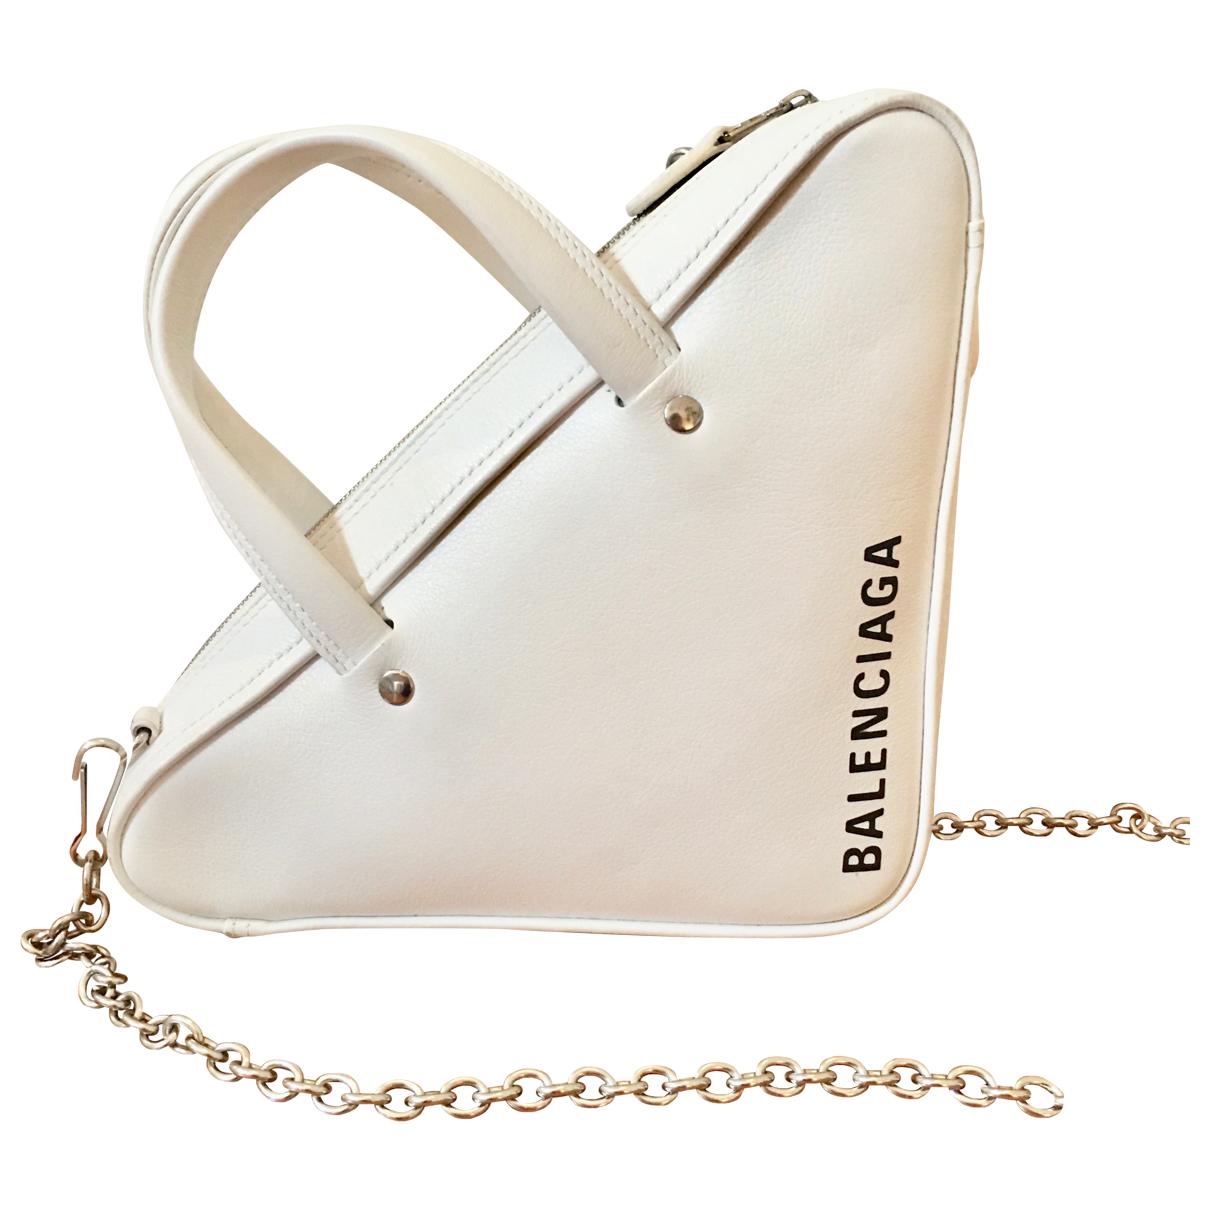 Balenciaga - Sac a main Triangle pour femme en cuir - blanc